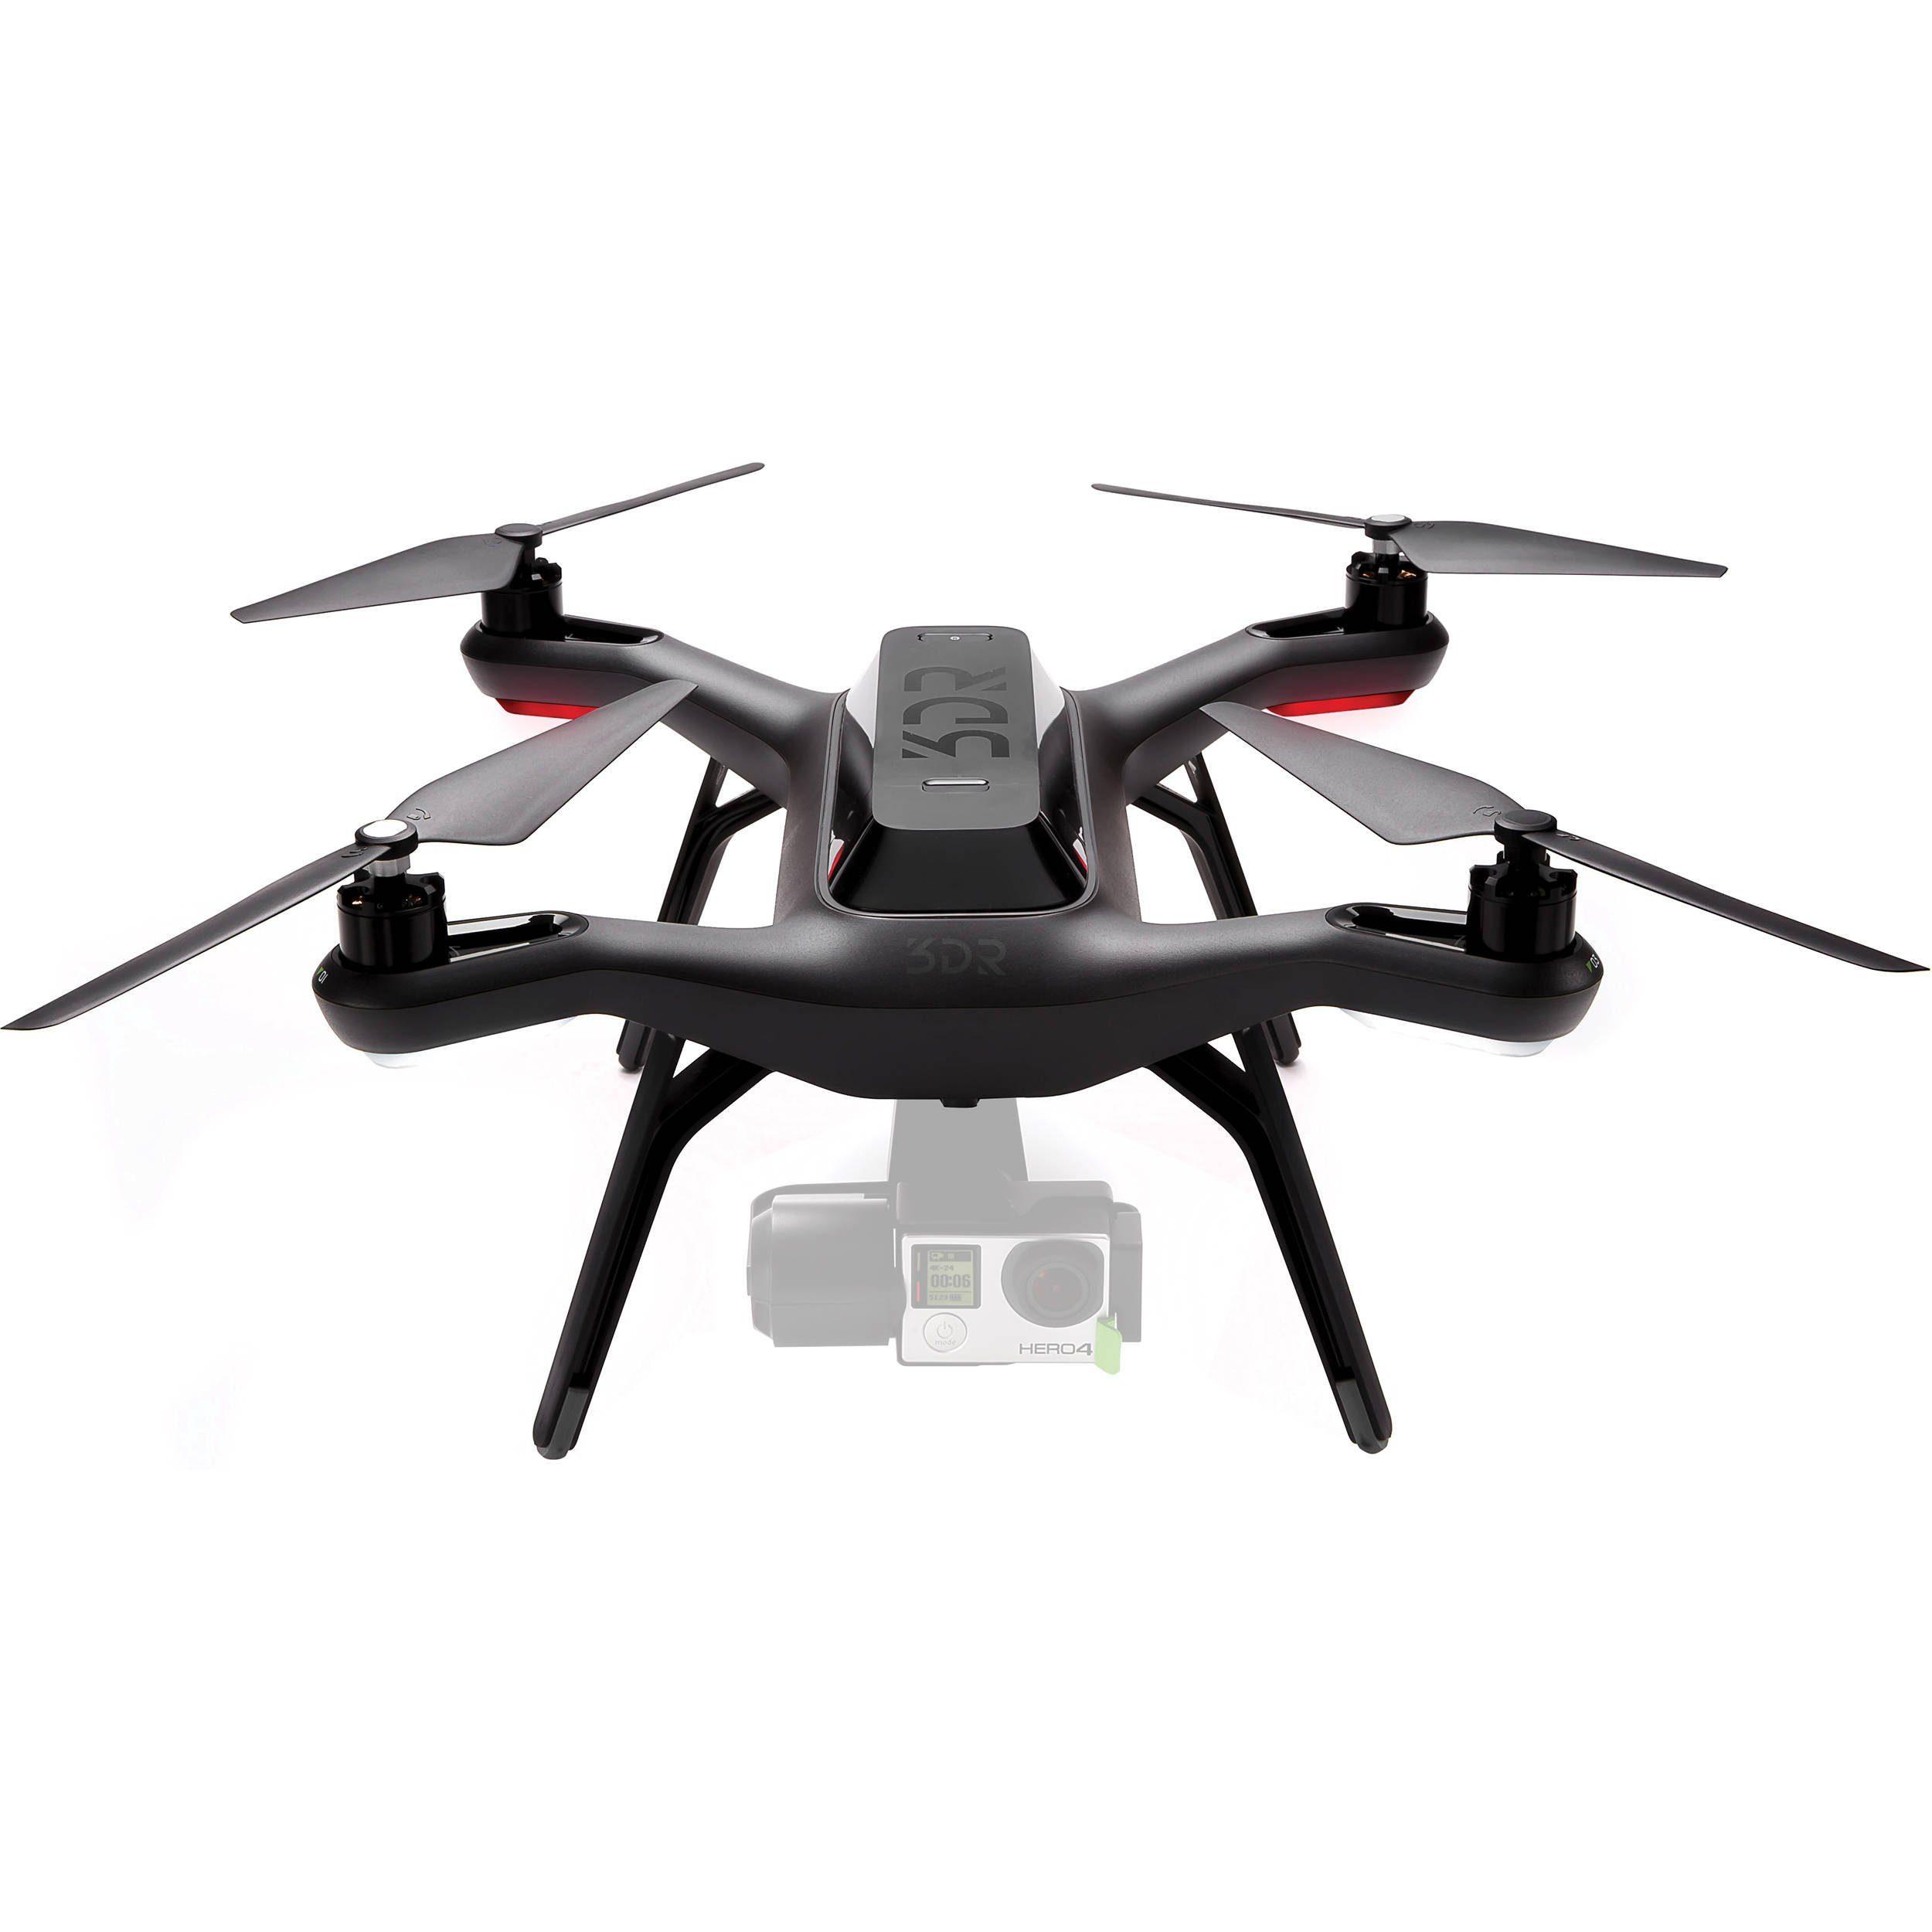 3D Robotics Smart Drohne 3DR Solo Drone